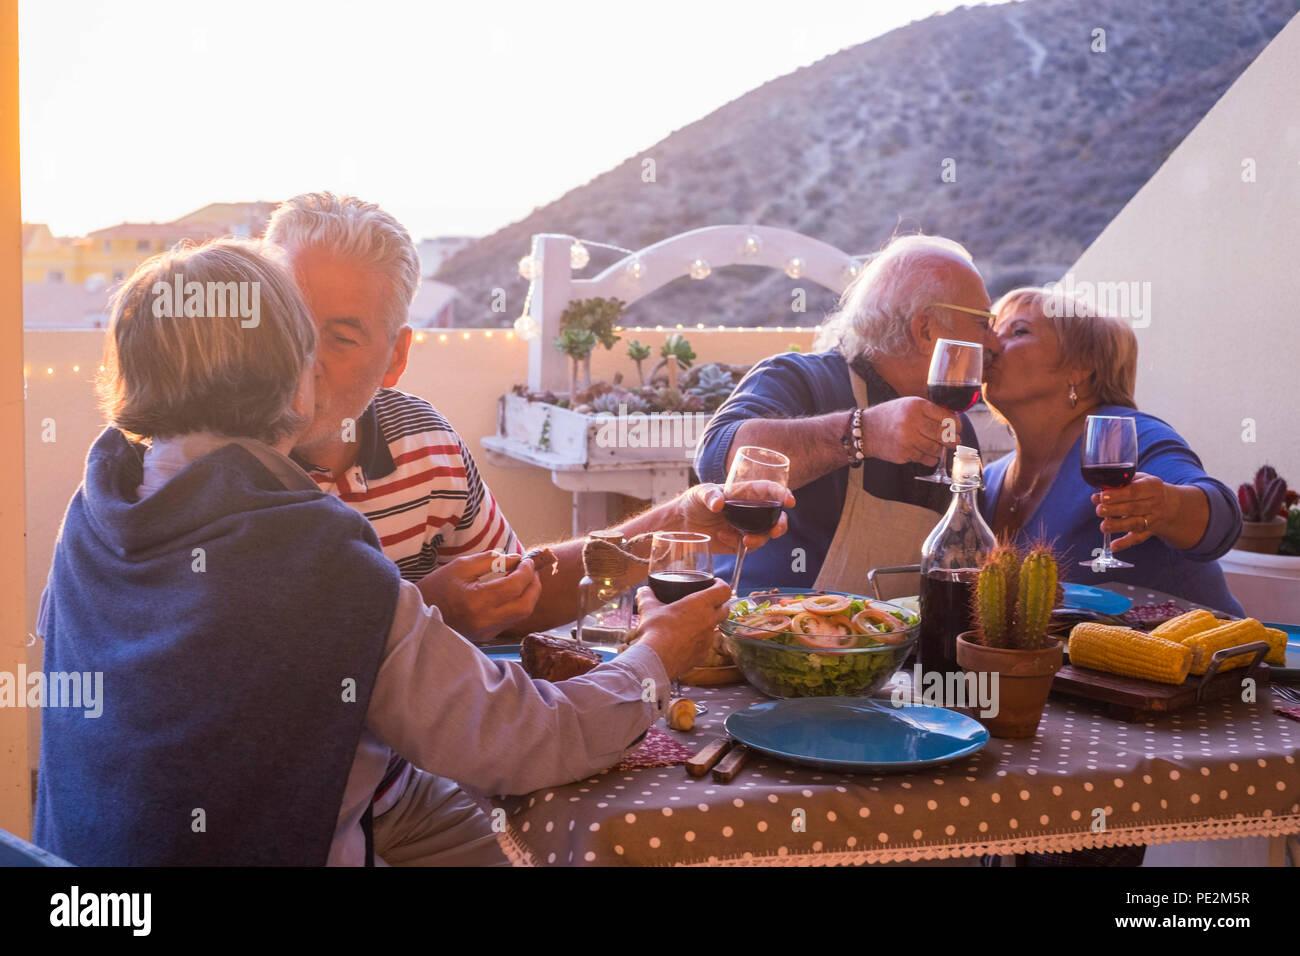 Beau groupe de personnes adultes de race blanche dans le bonheur d'un séjour ensemble pour le dîner en plein air la terrasse. L'amour et l'amitié concept avec vue incroyable. v Photo Stock